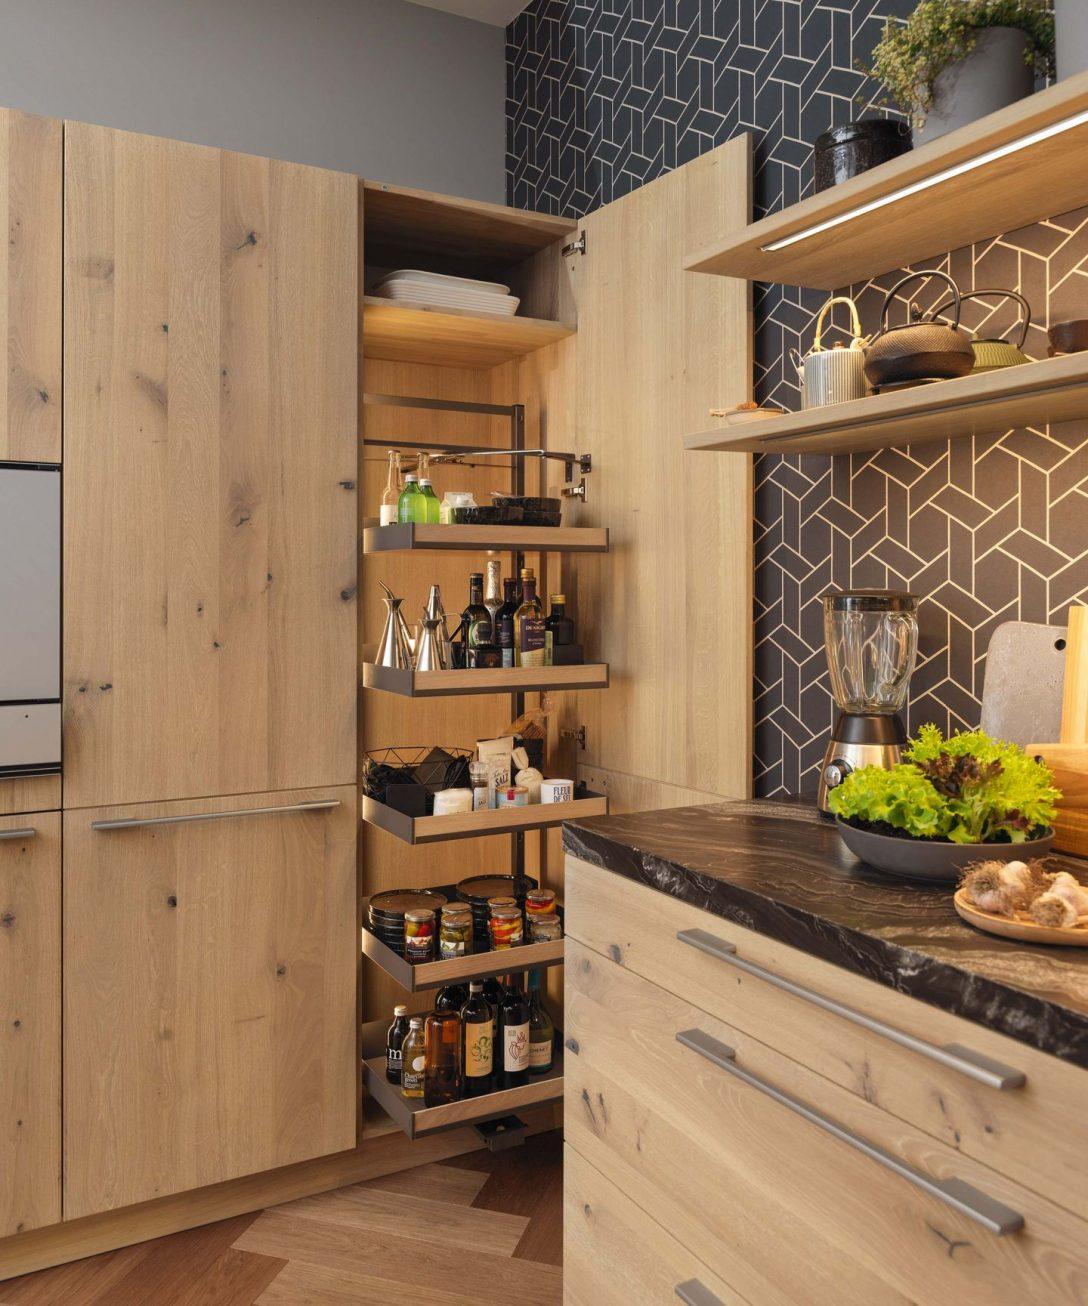 Large Size of Hochschrank Küche Ausziehbar Hochschrank Küche Mikrowelle Hochschrank Küche Günstig Hochschrank Küche Holz Küche Hochschrank Küche